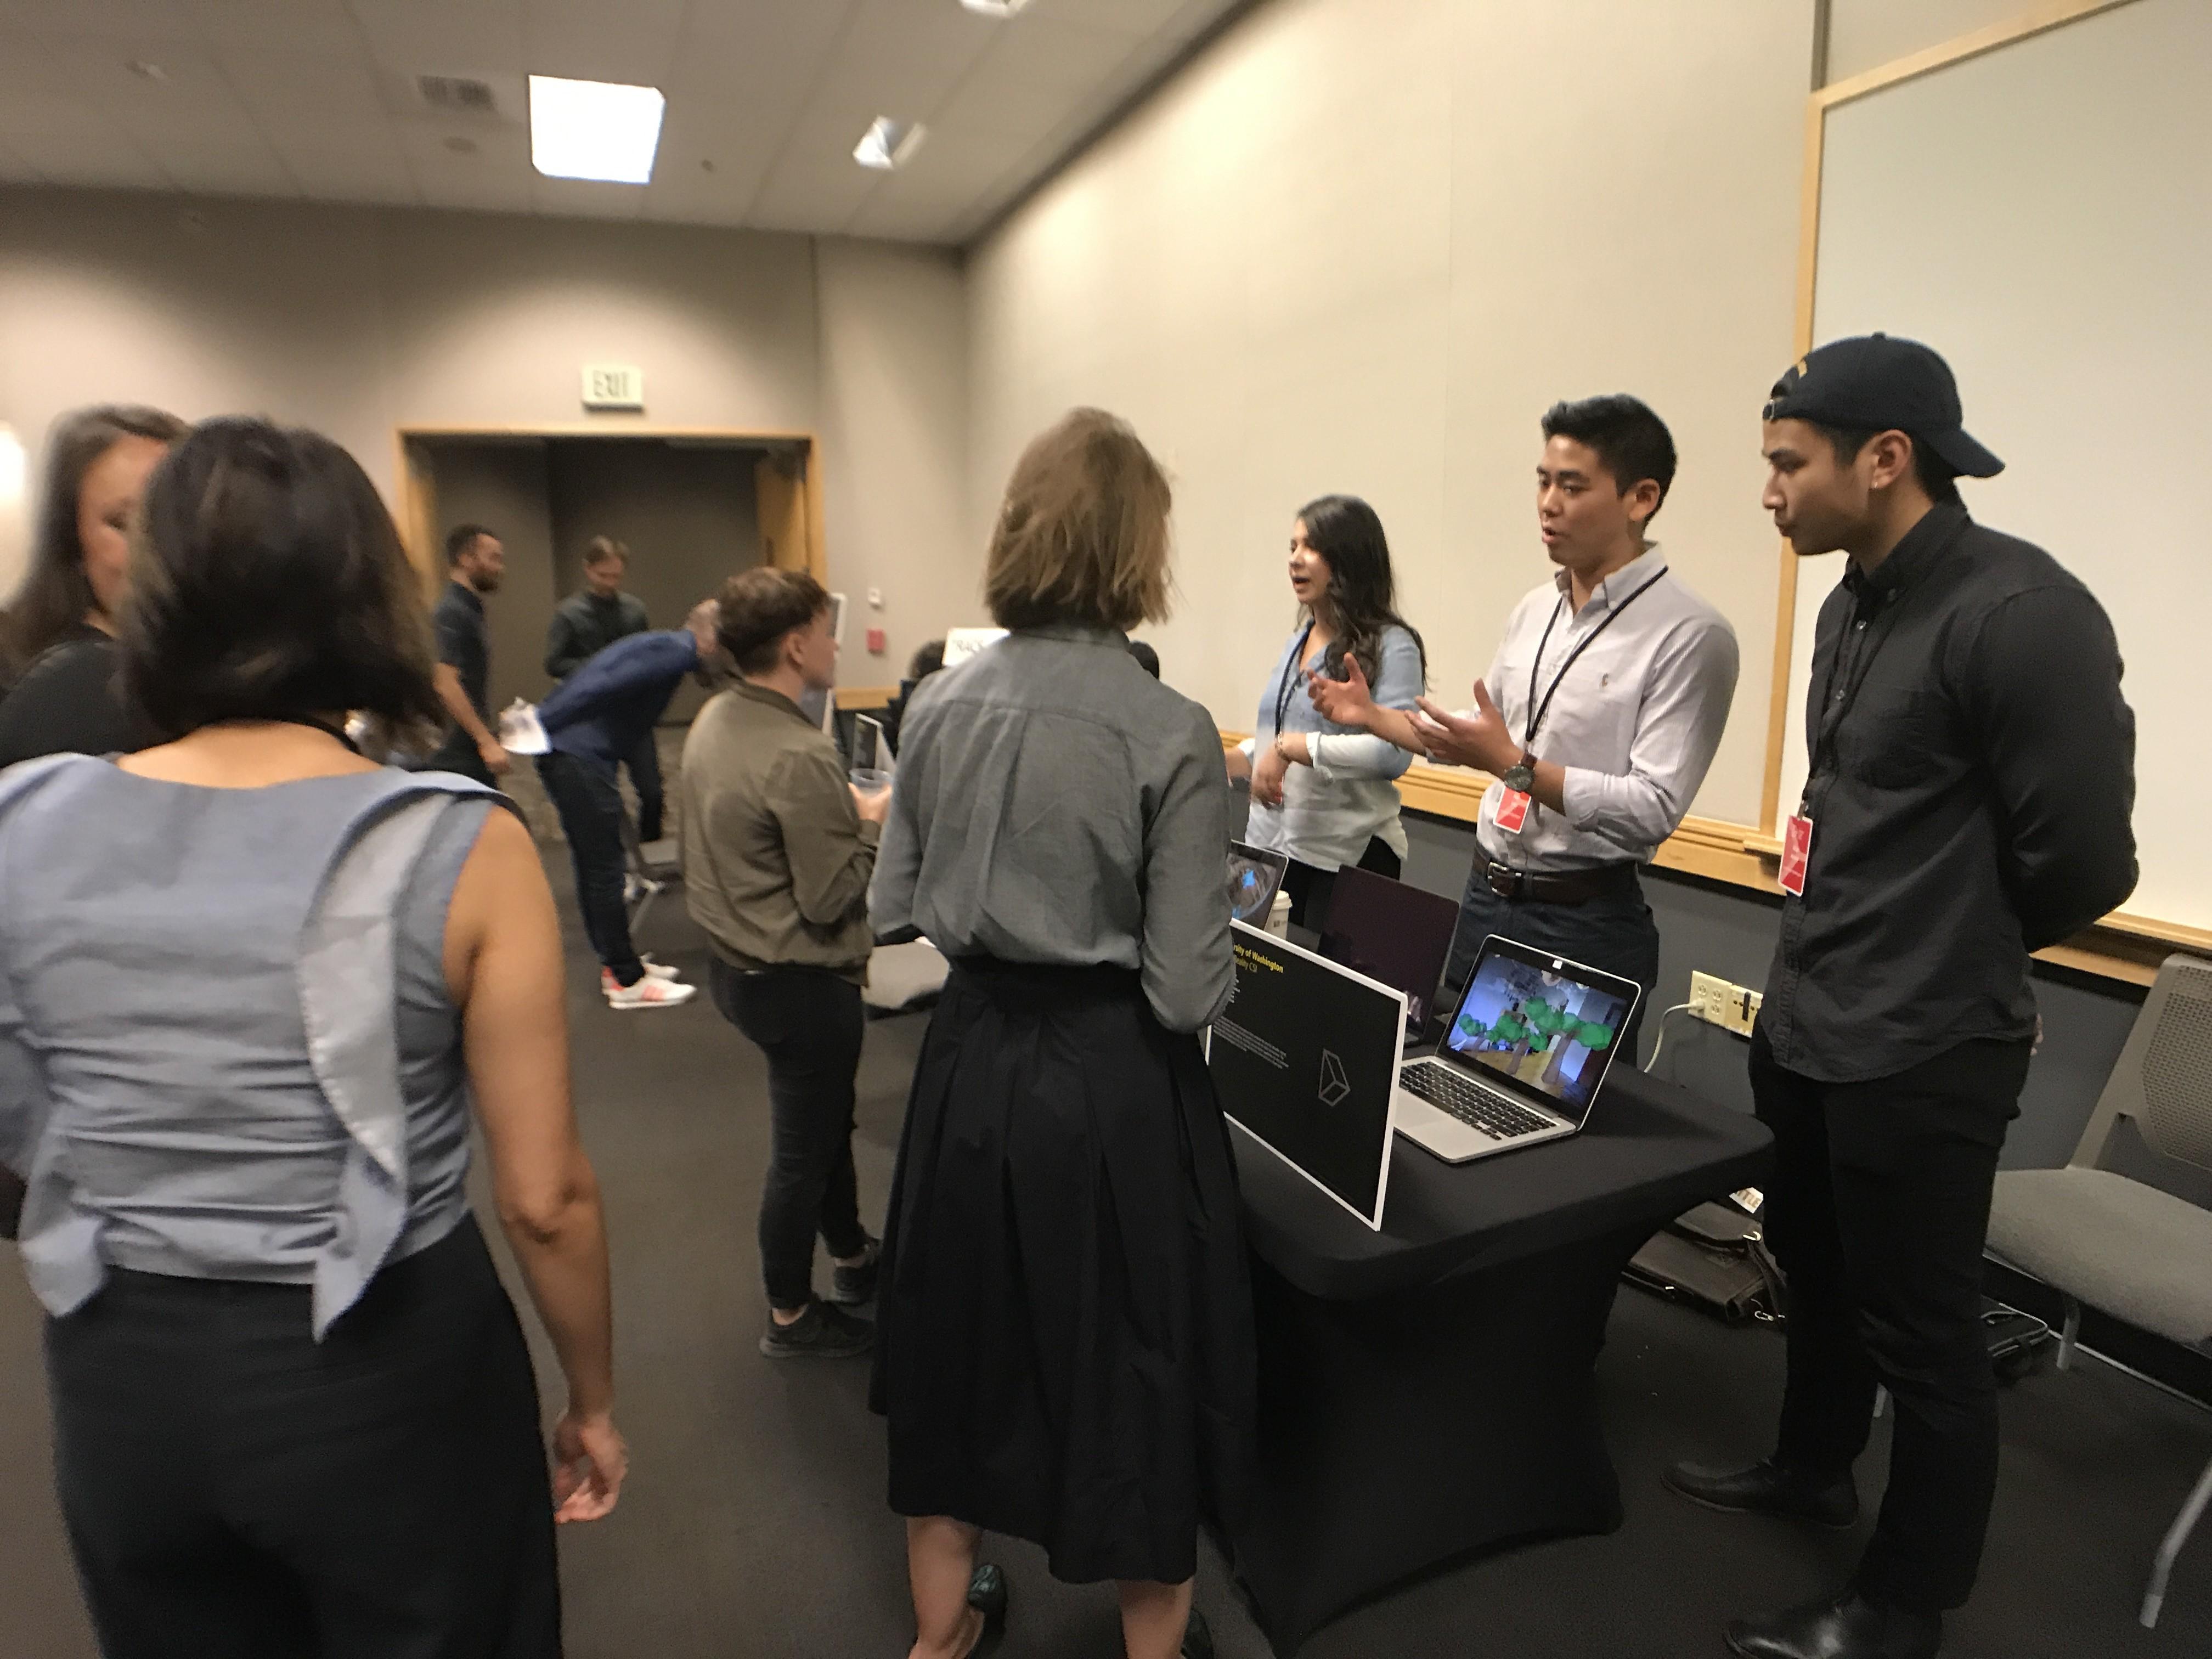 Design Expo 2017 - Microsoft Research